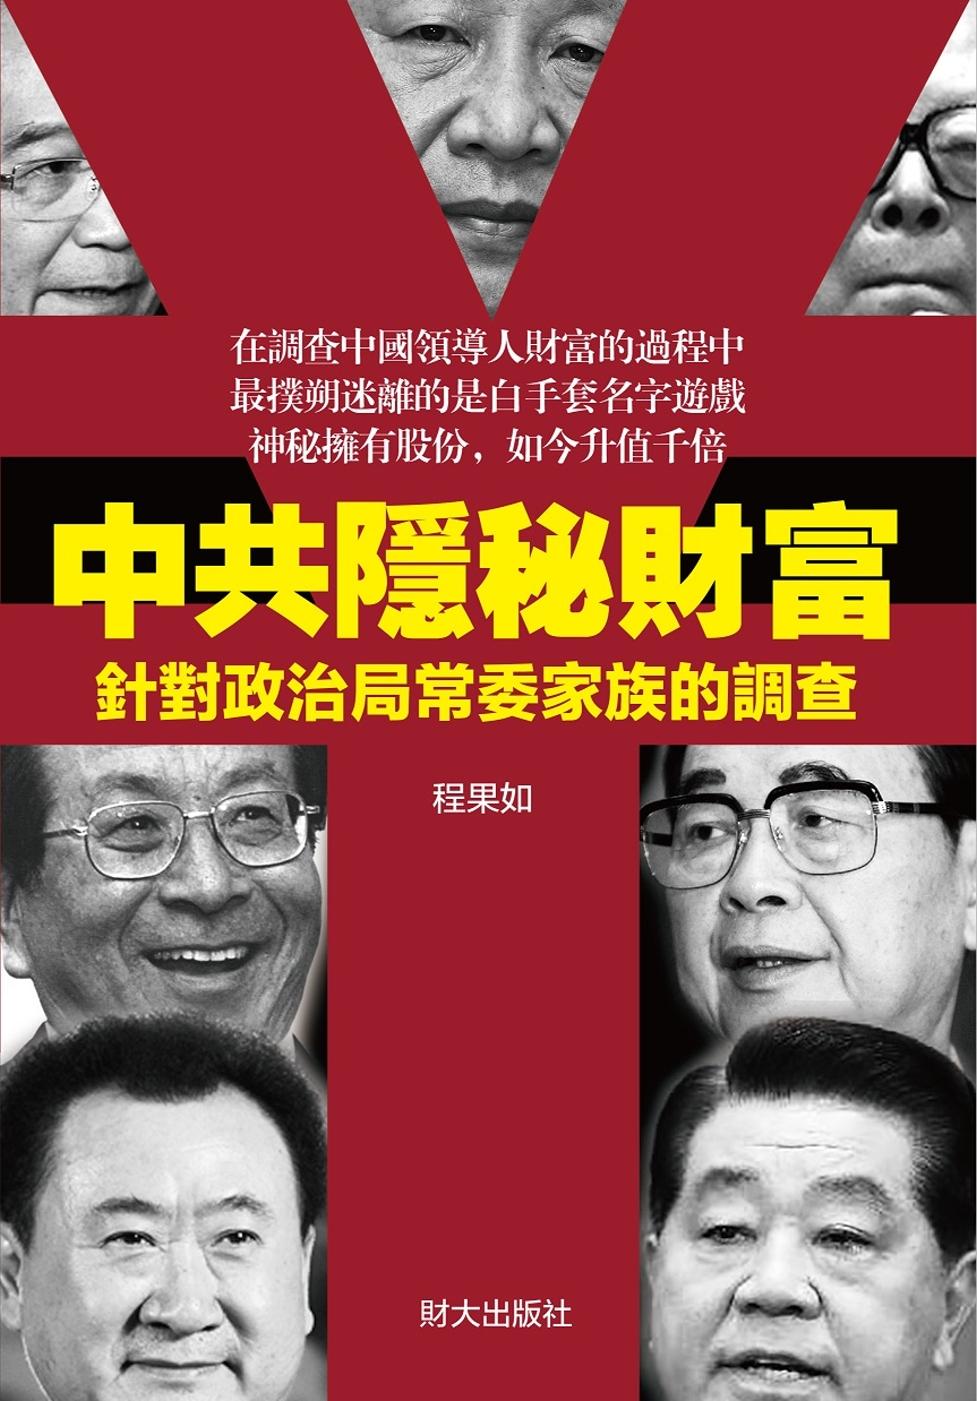 中共隱秘財富:針對政治局常委家族的調查